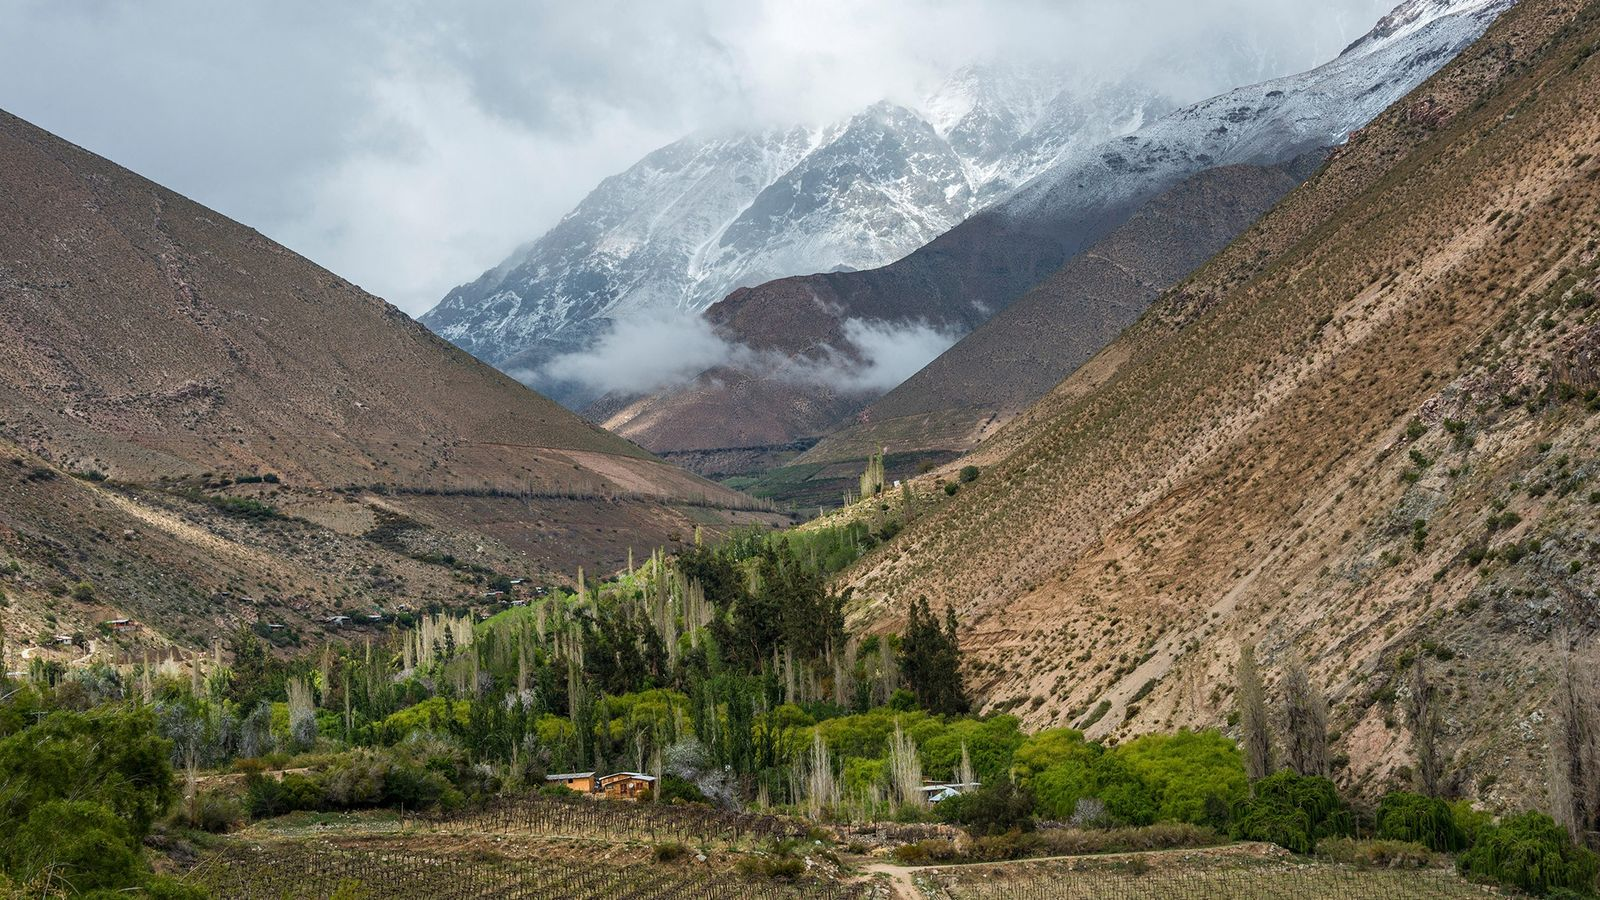 À quelques heures de Santiago, la vallée d'Elqui, au Chili, est réputée pour sa production de ...